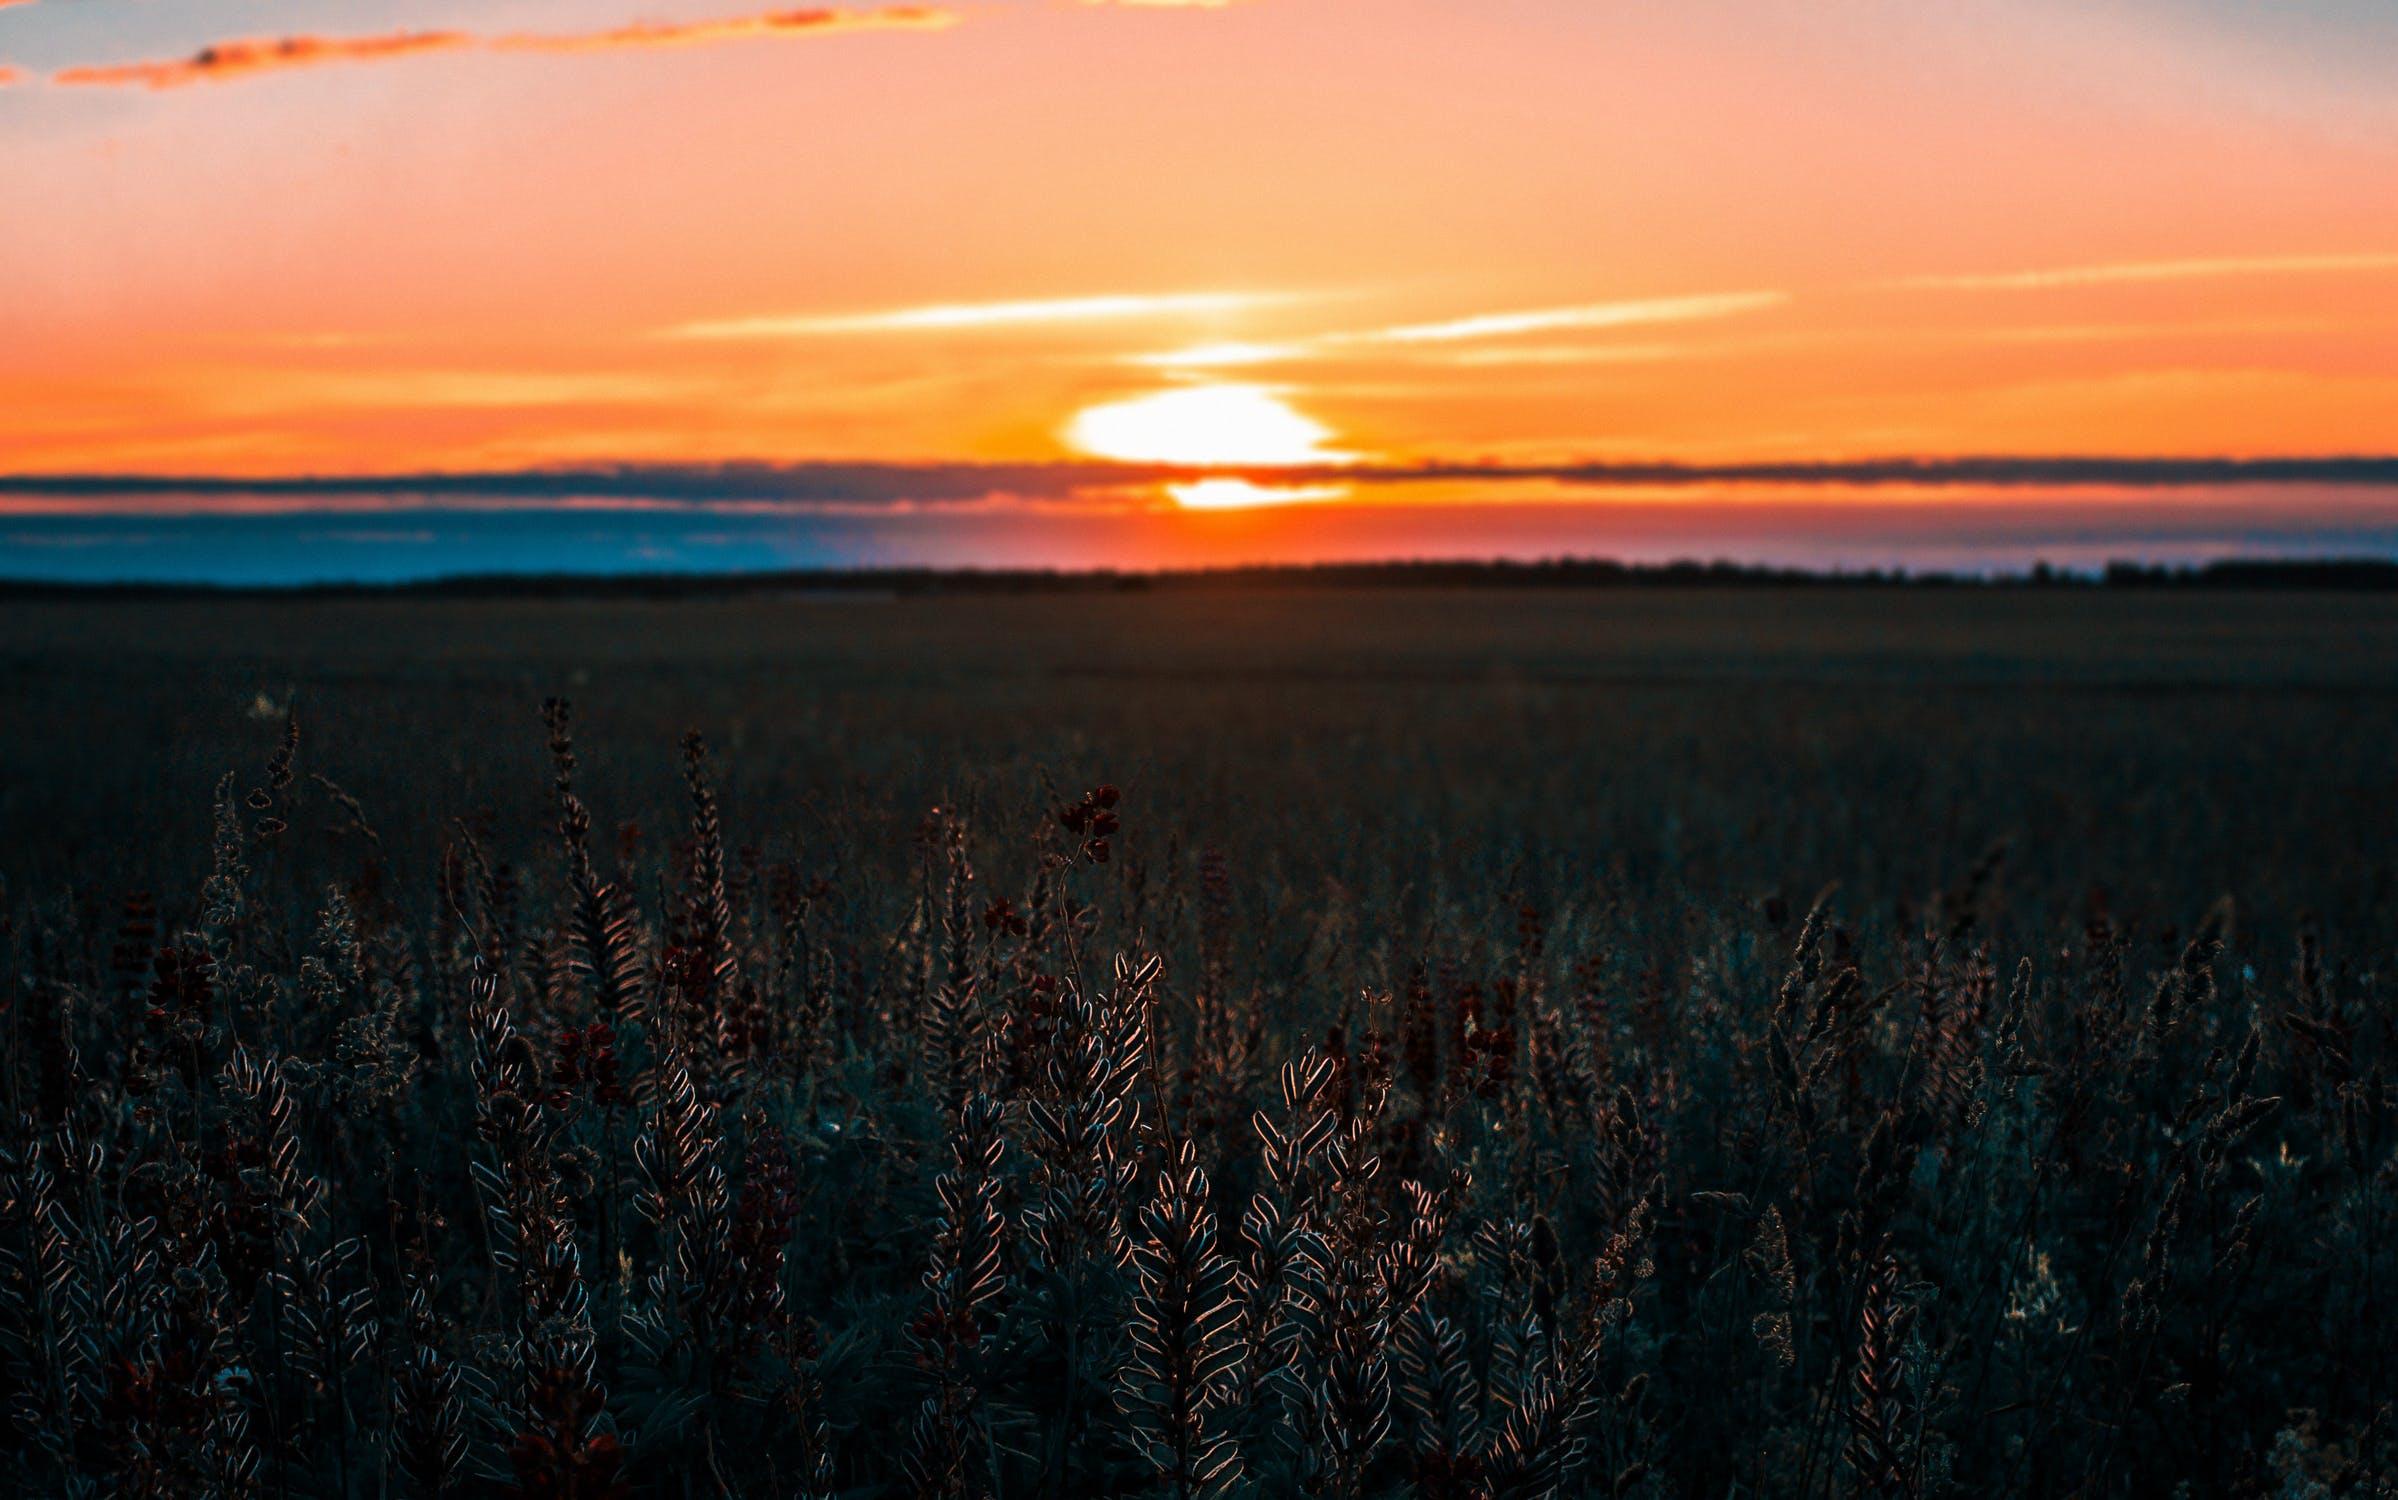 Sunset Pexels Irina Kostenich